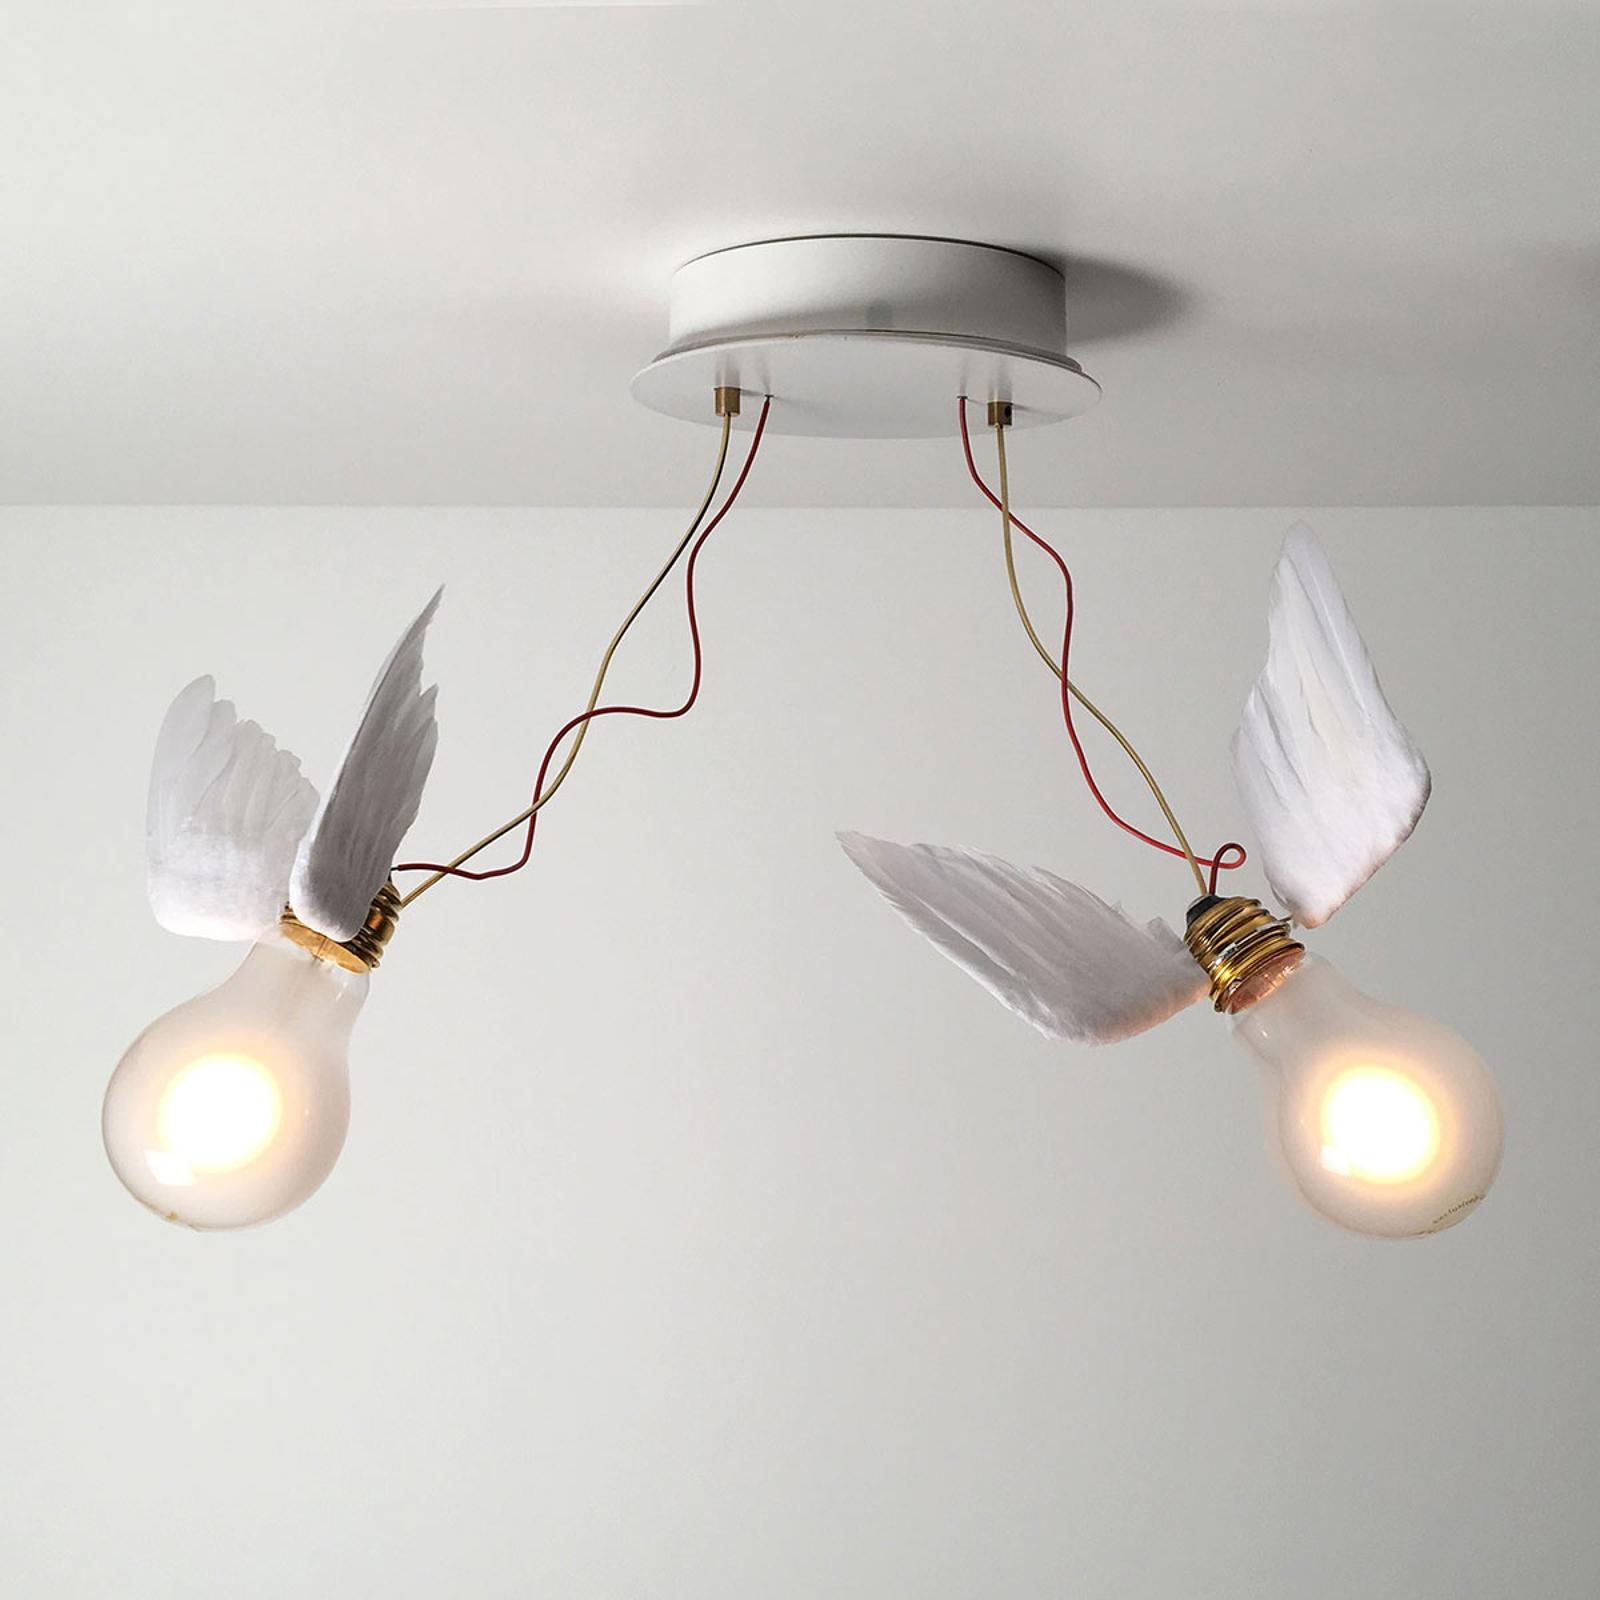 Produktové foto Ingo Maurer Ingo Maurer Lucellino Doppio nástěnné LED svítidlo